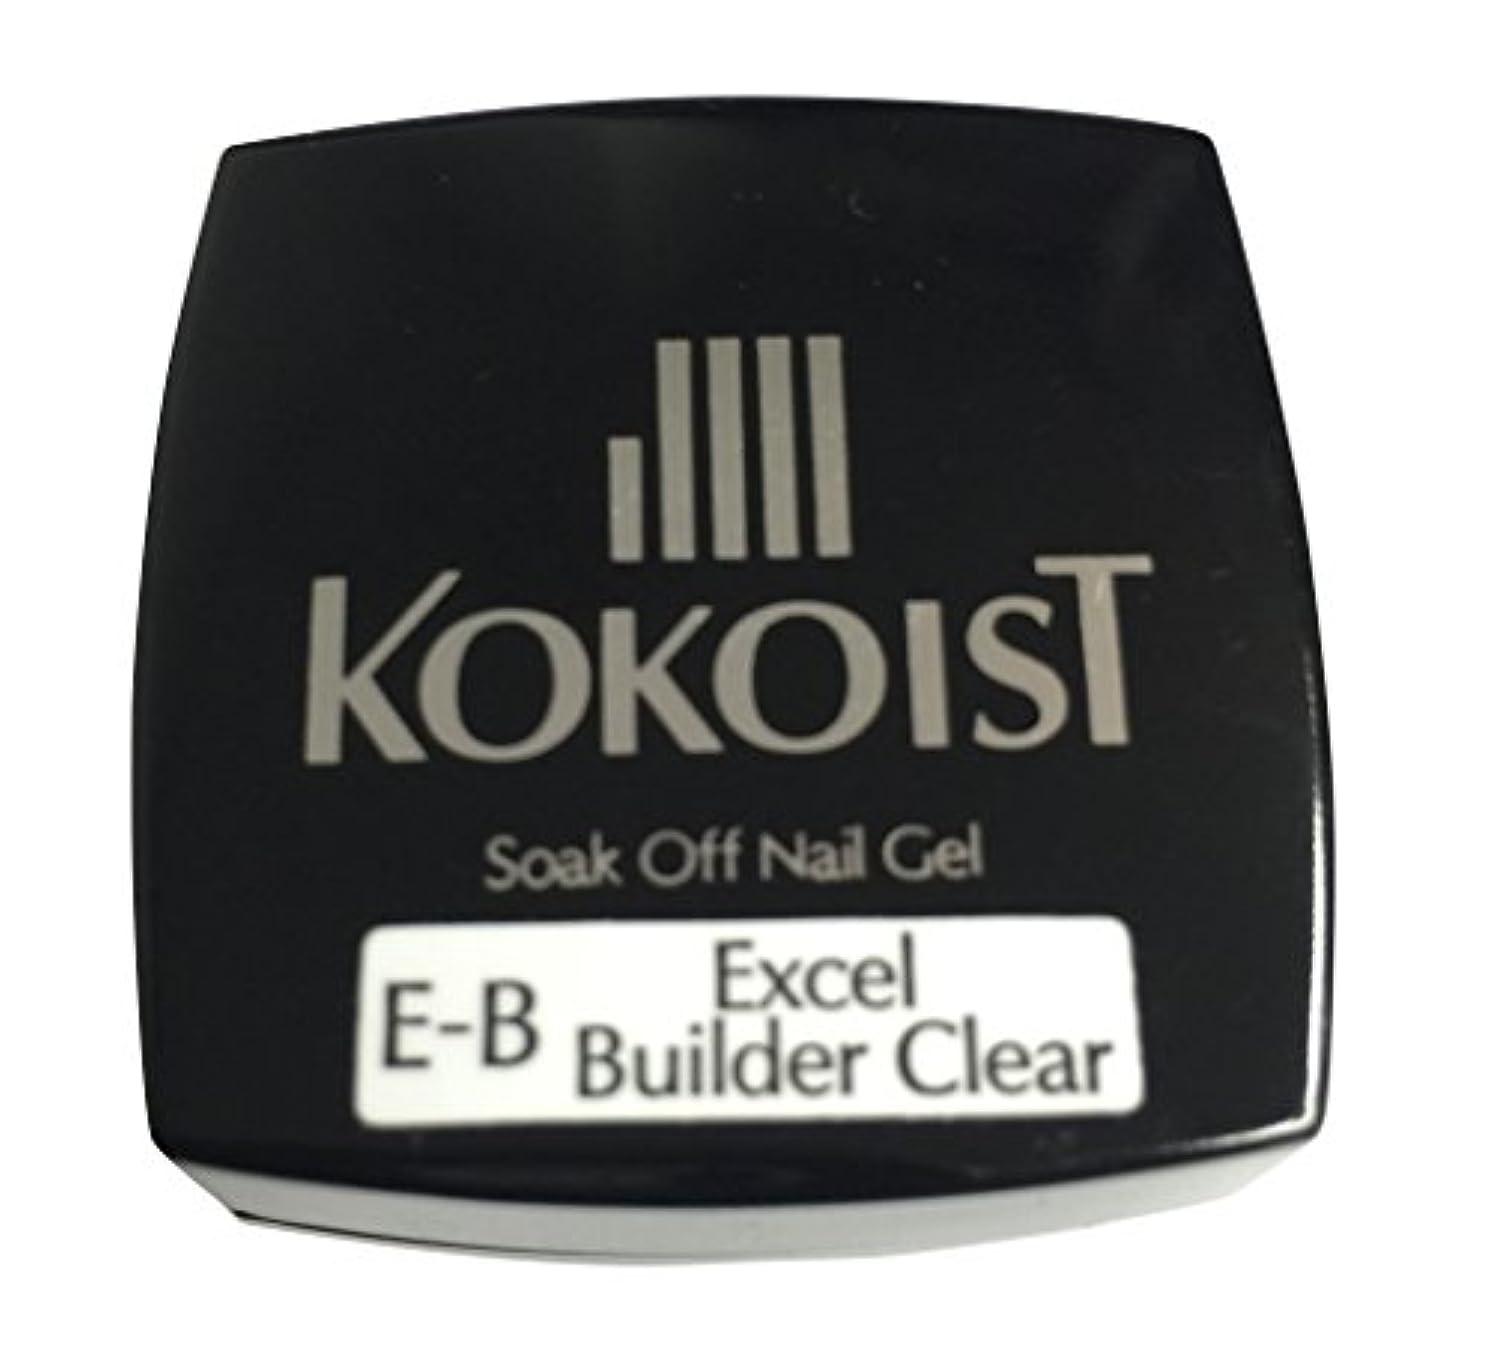 箱不当考古学的なKOKOIST(ココイスト) ソークオフクリアジェル エクセルビルダー  4g